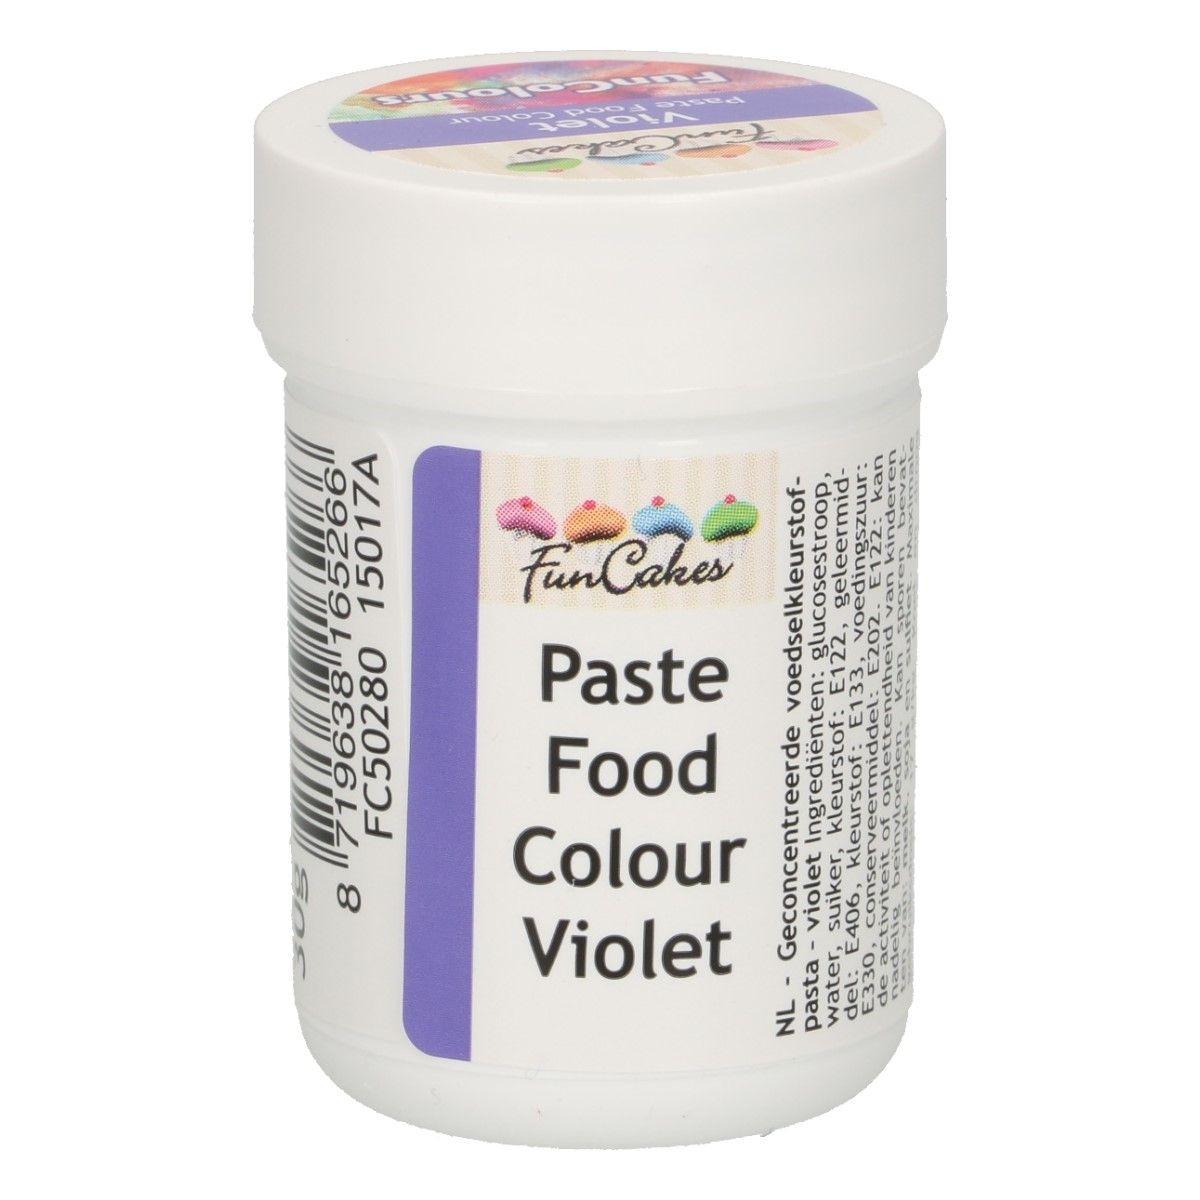 /f/u/funcakes_funcolours_paste_food_colour_-_violet.jpg